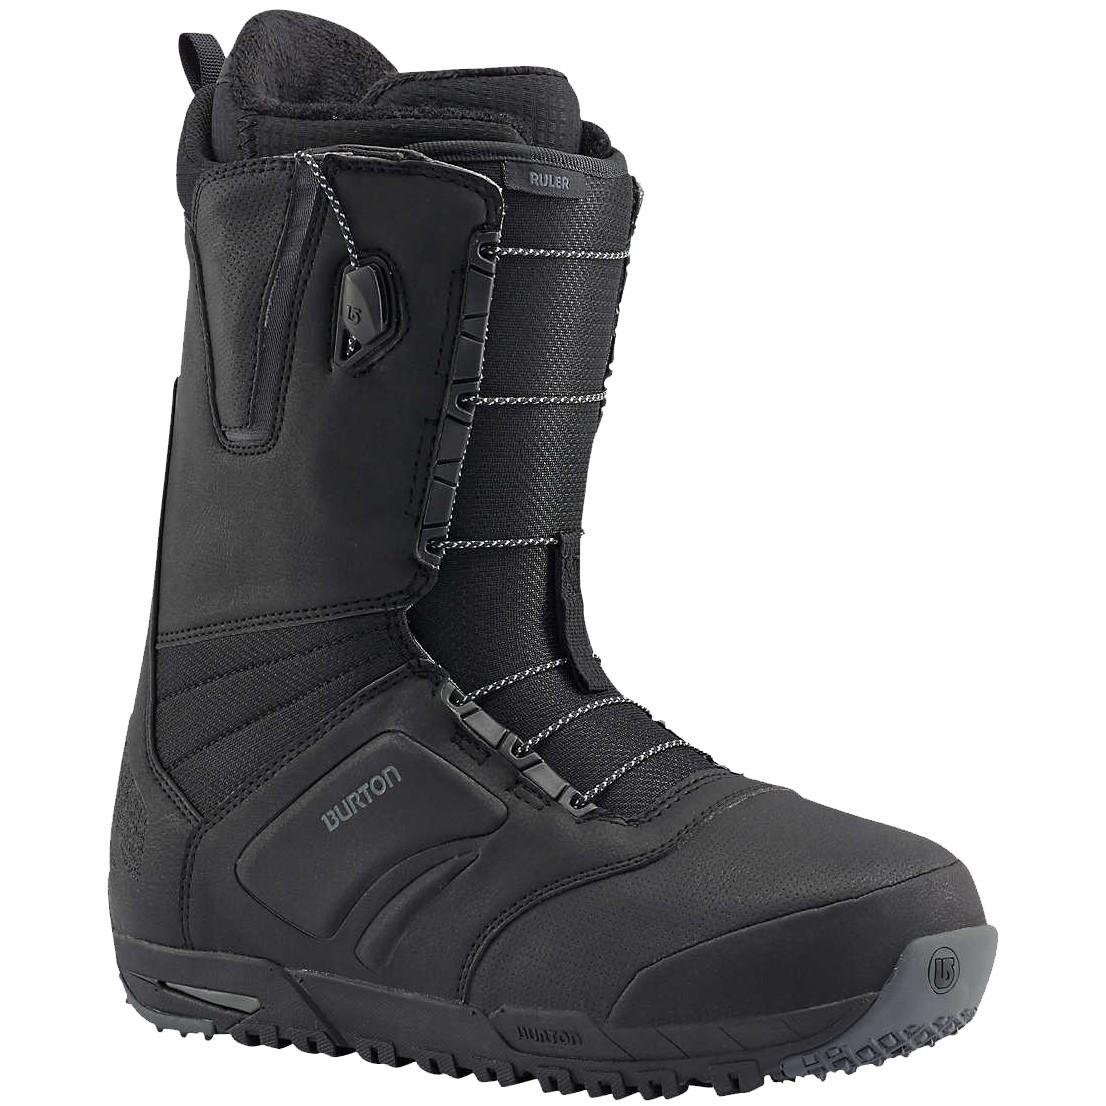 Ботинки для сноуборда: делаем правильный выбор